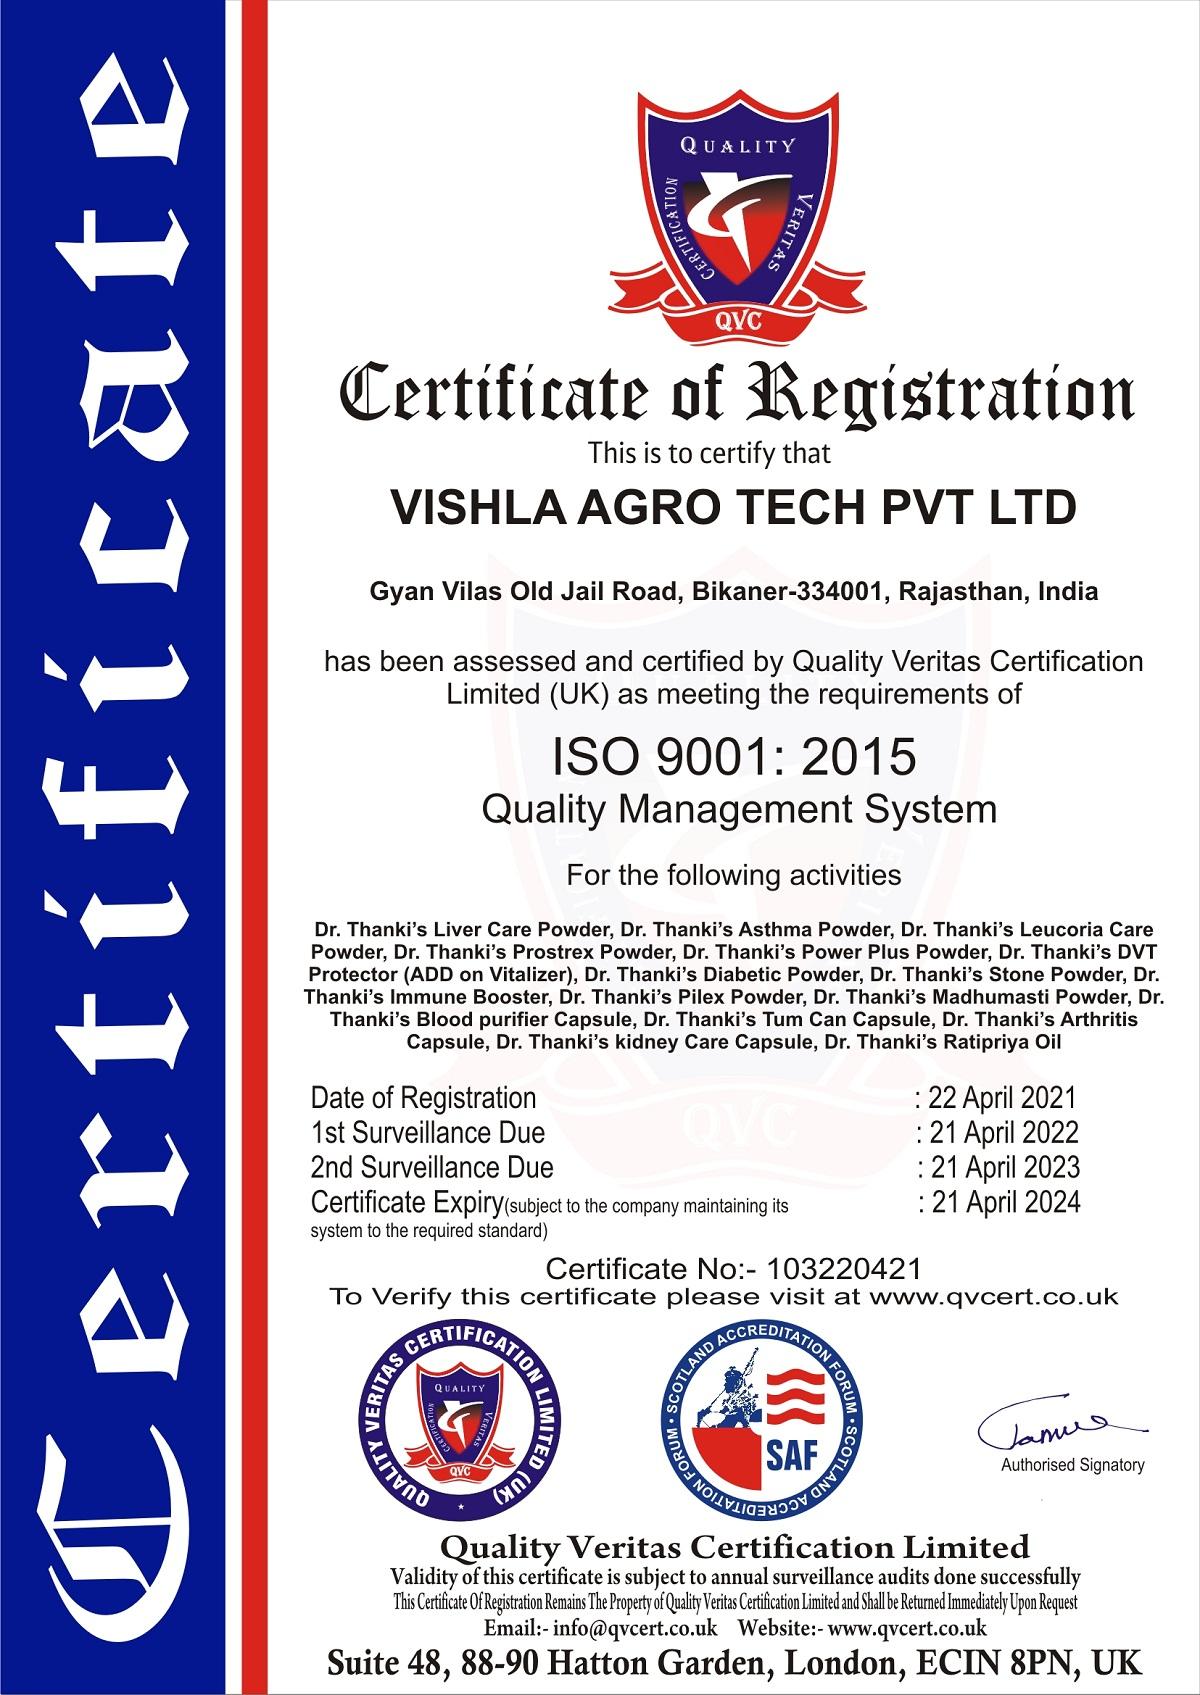 vishla_agro_tech_pvt_ltd_iso_certificate